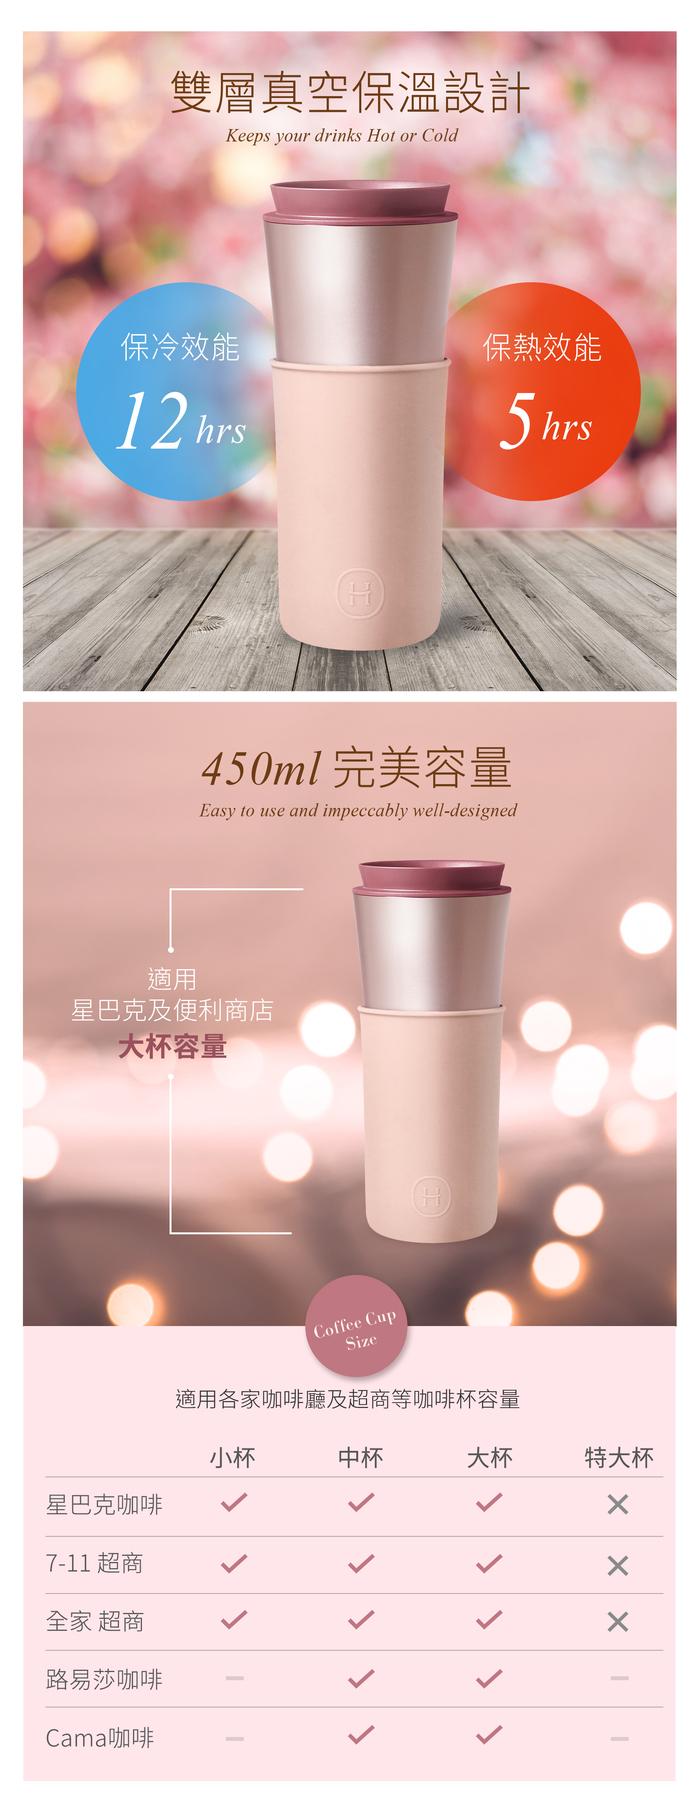 (複製)美國HYDY|Delicia 兩用隨行保溫杯 450ml 珠光粉-櫻花粉